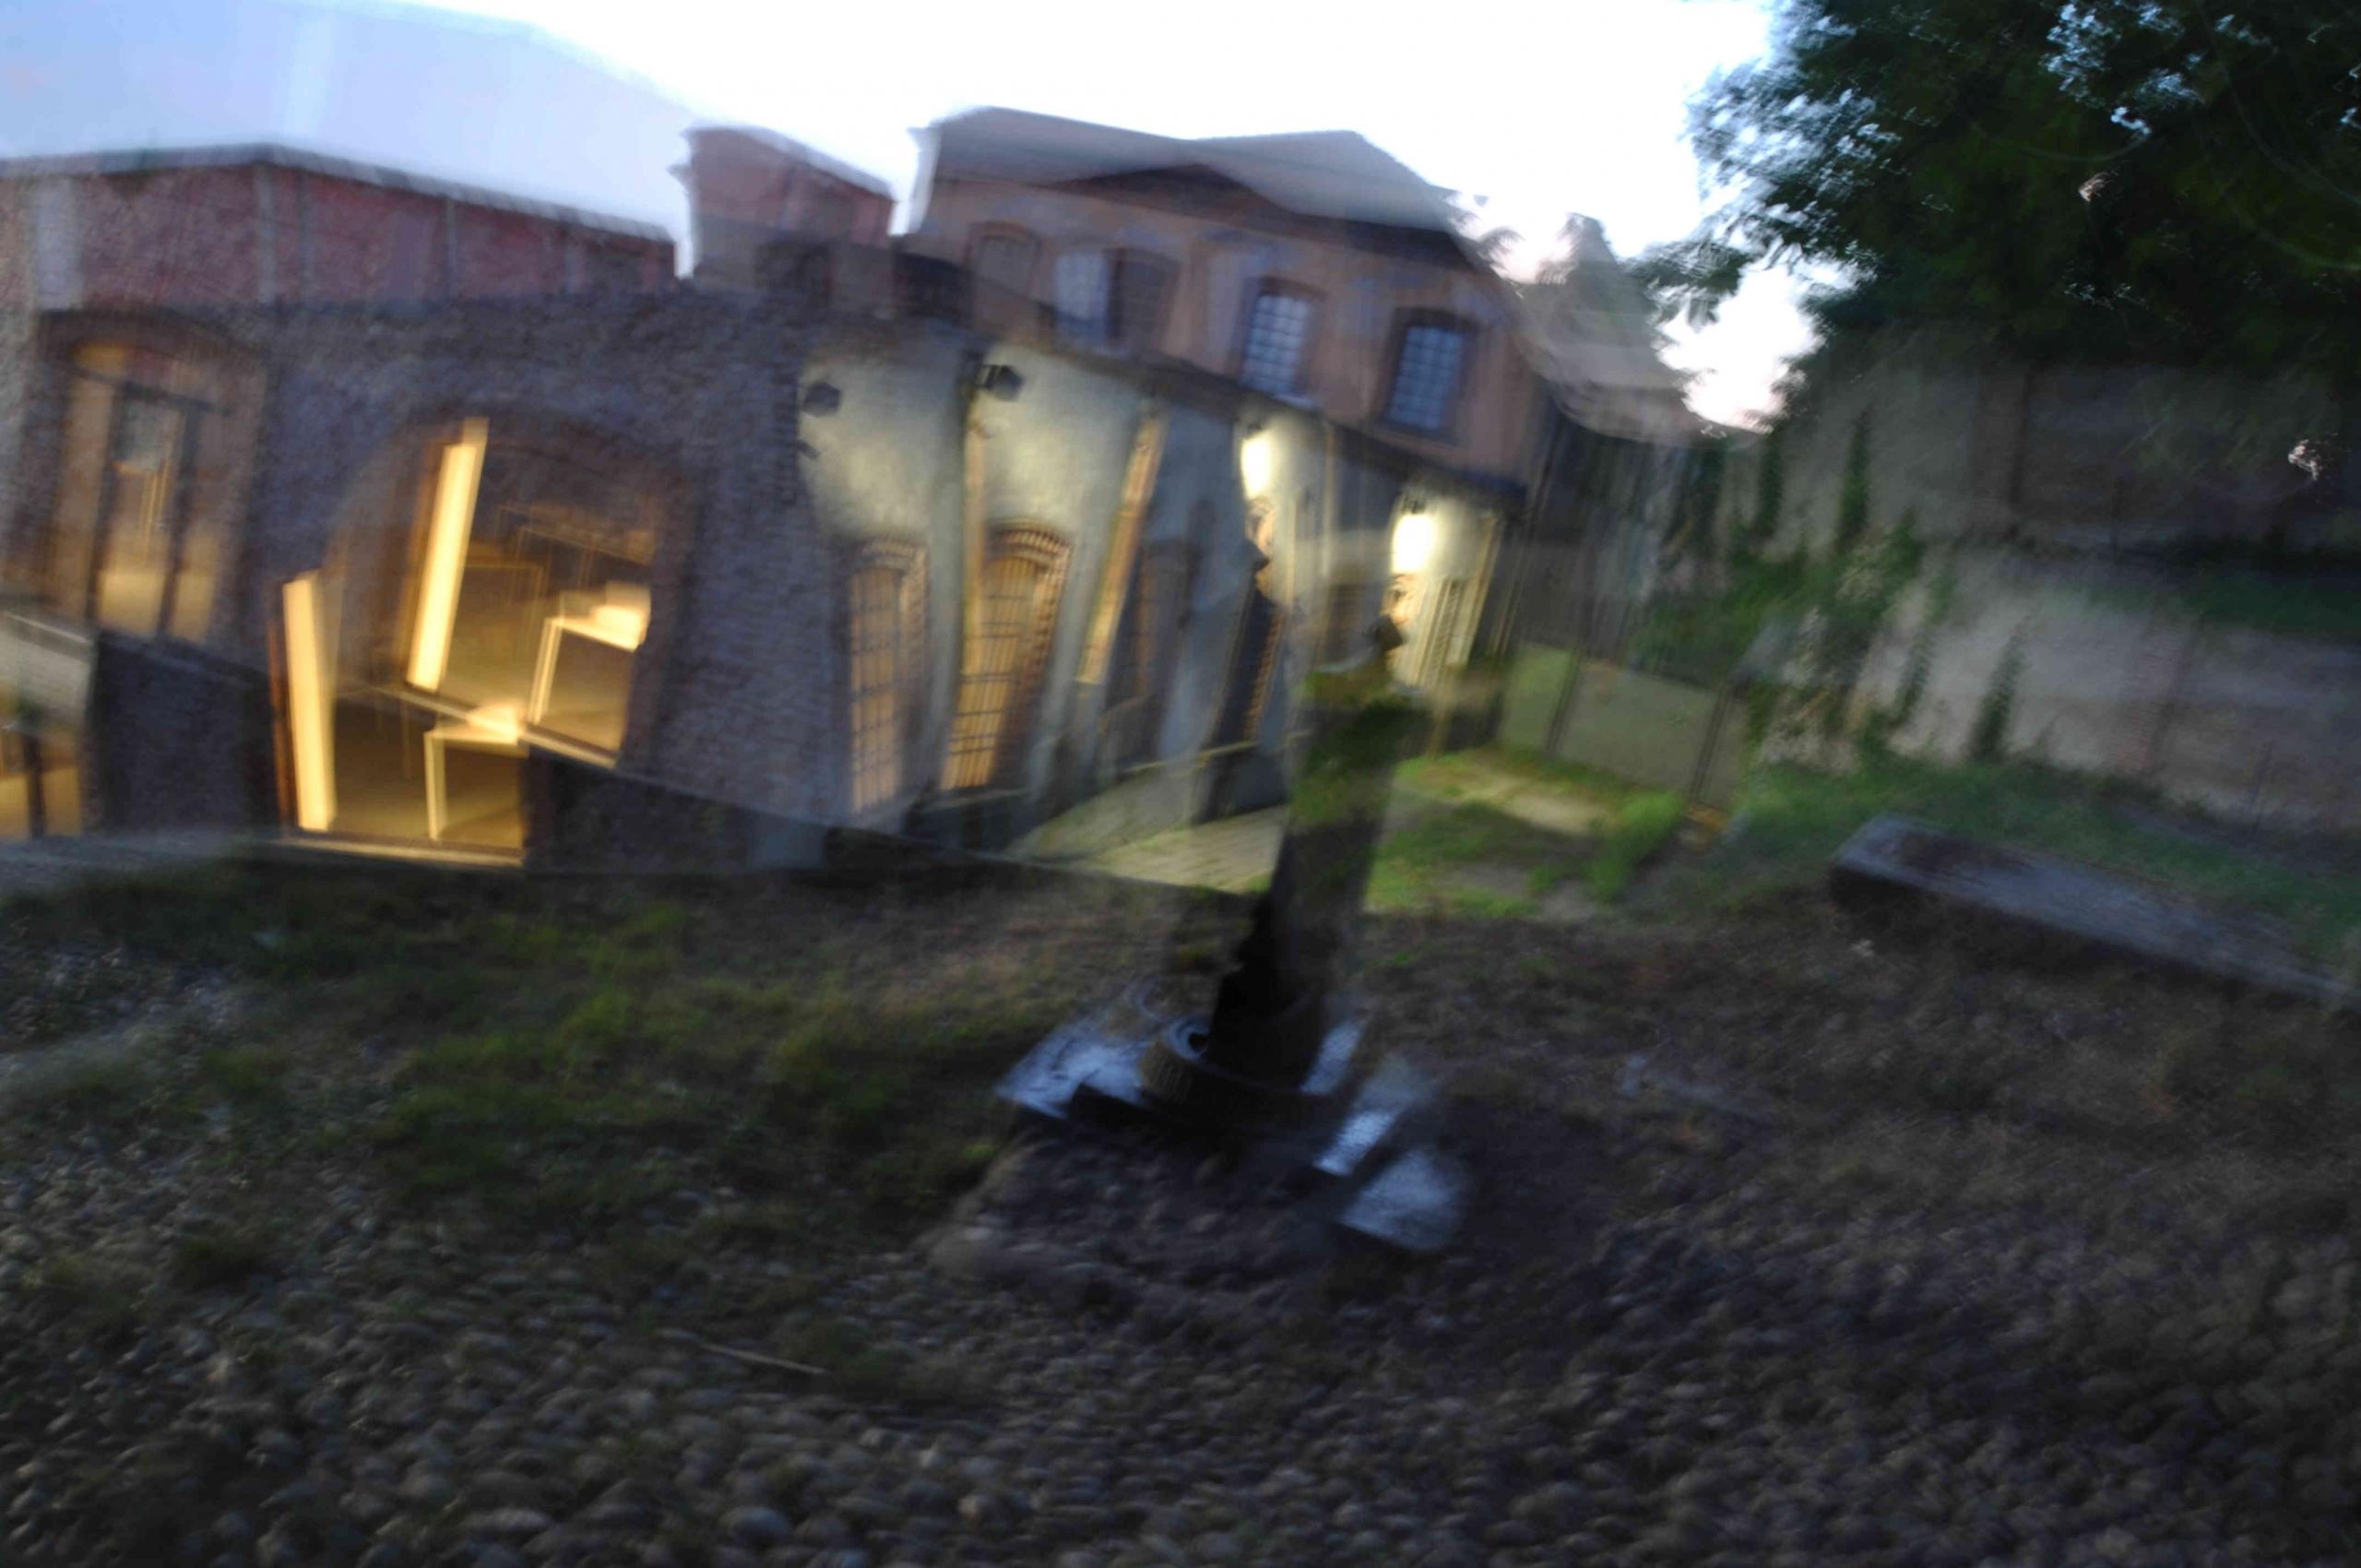 59 Villaggio Crespi Giacomo Bucci